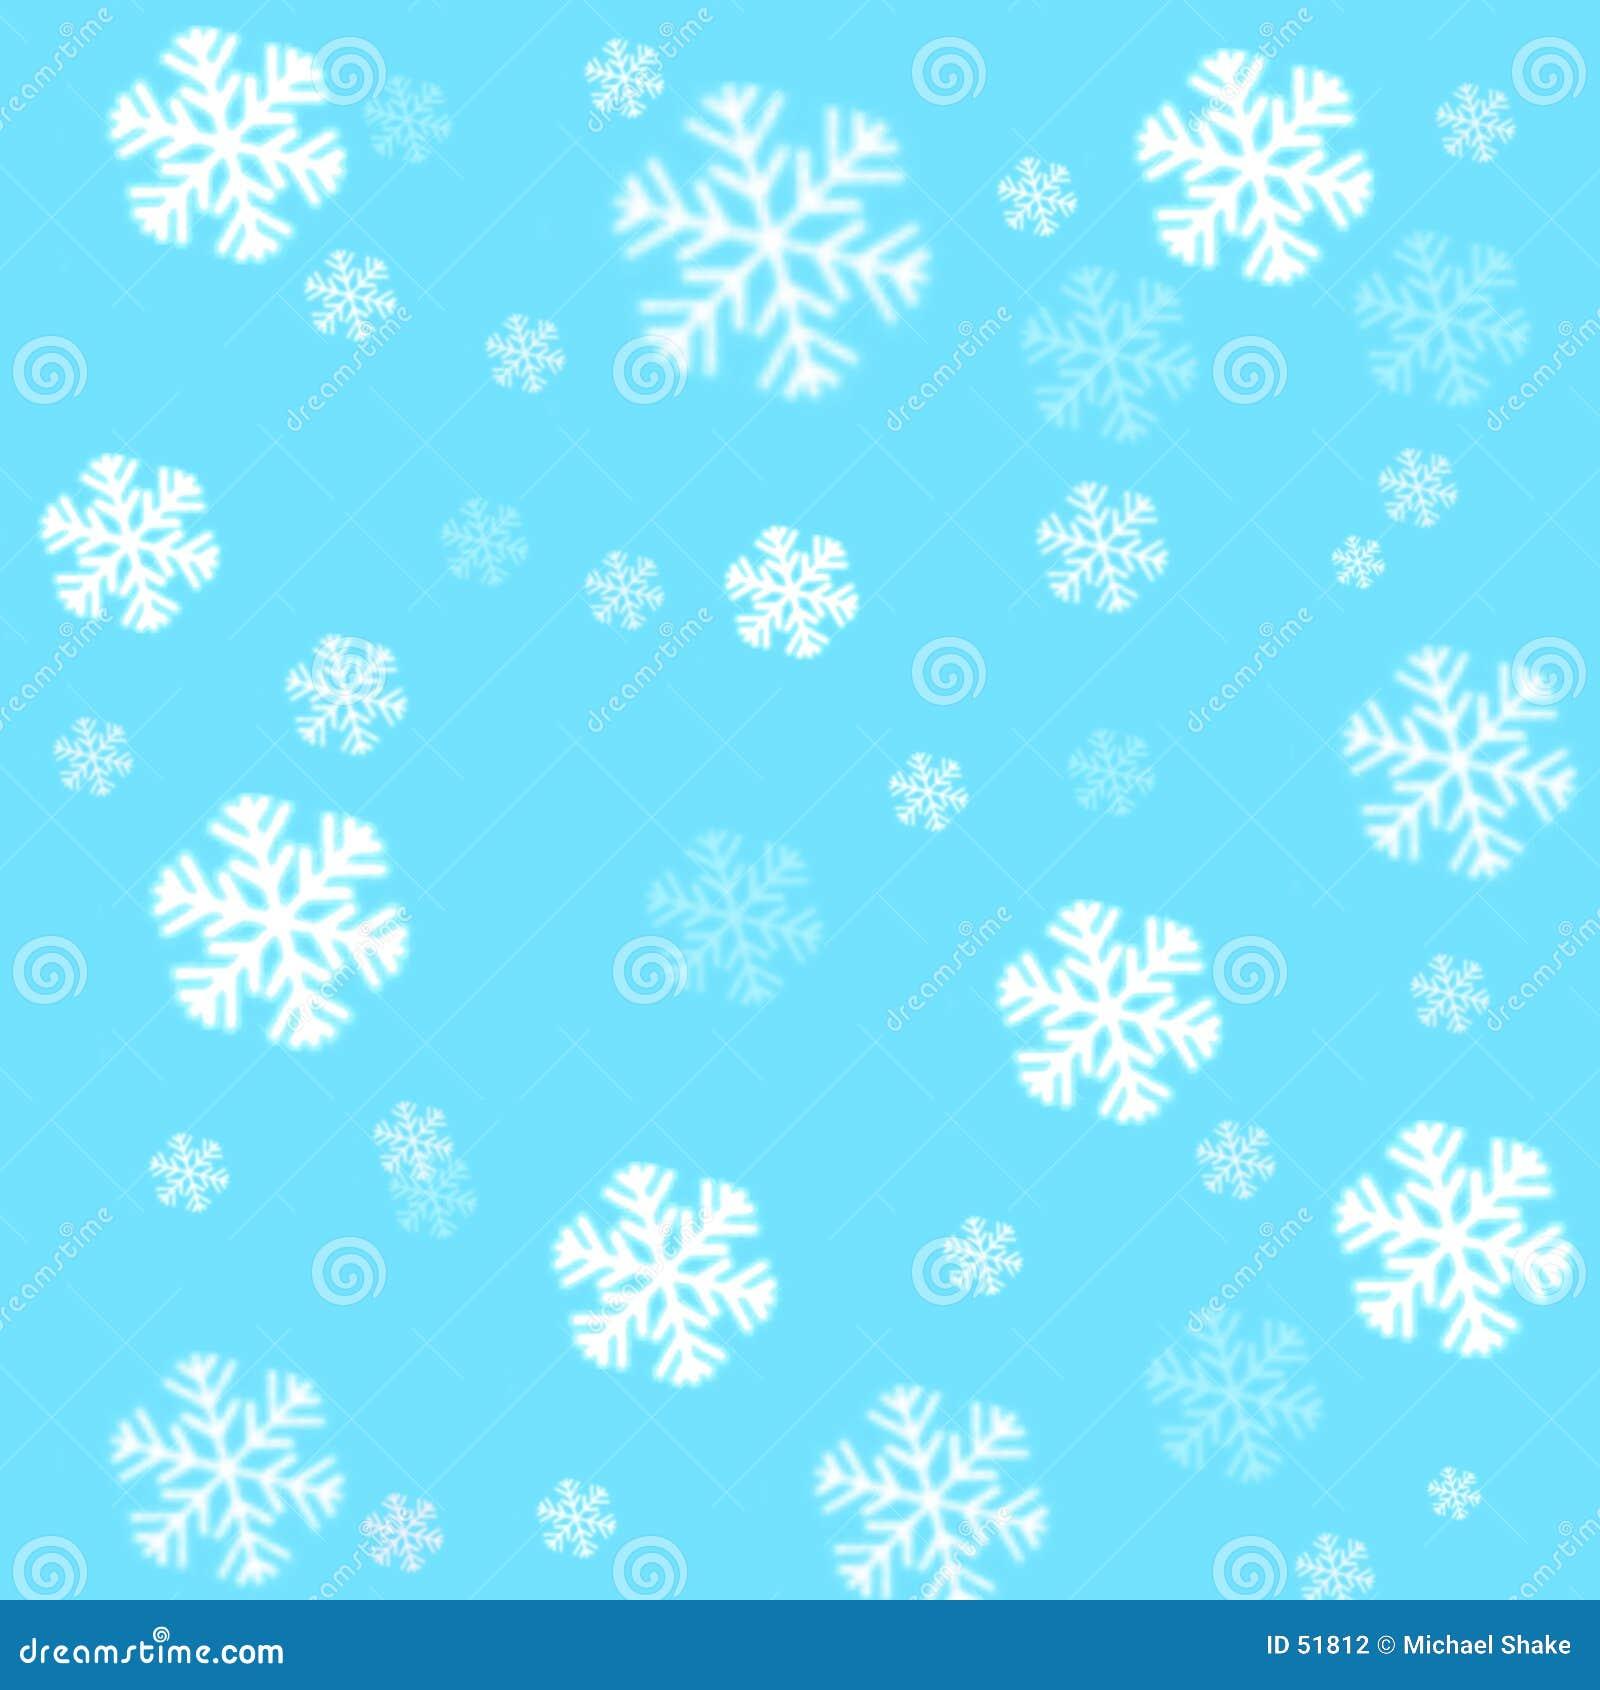 背景蓝天雪花